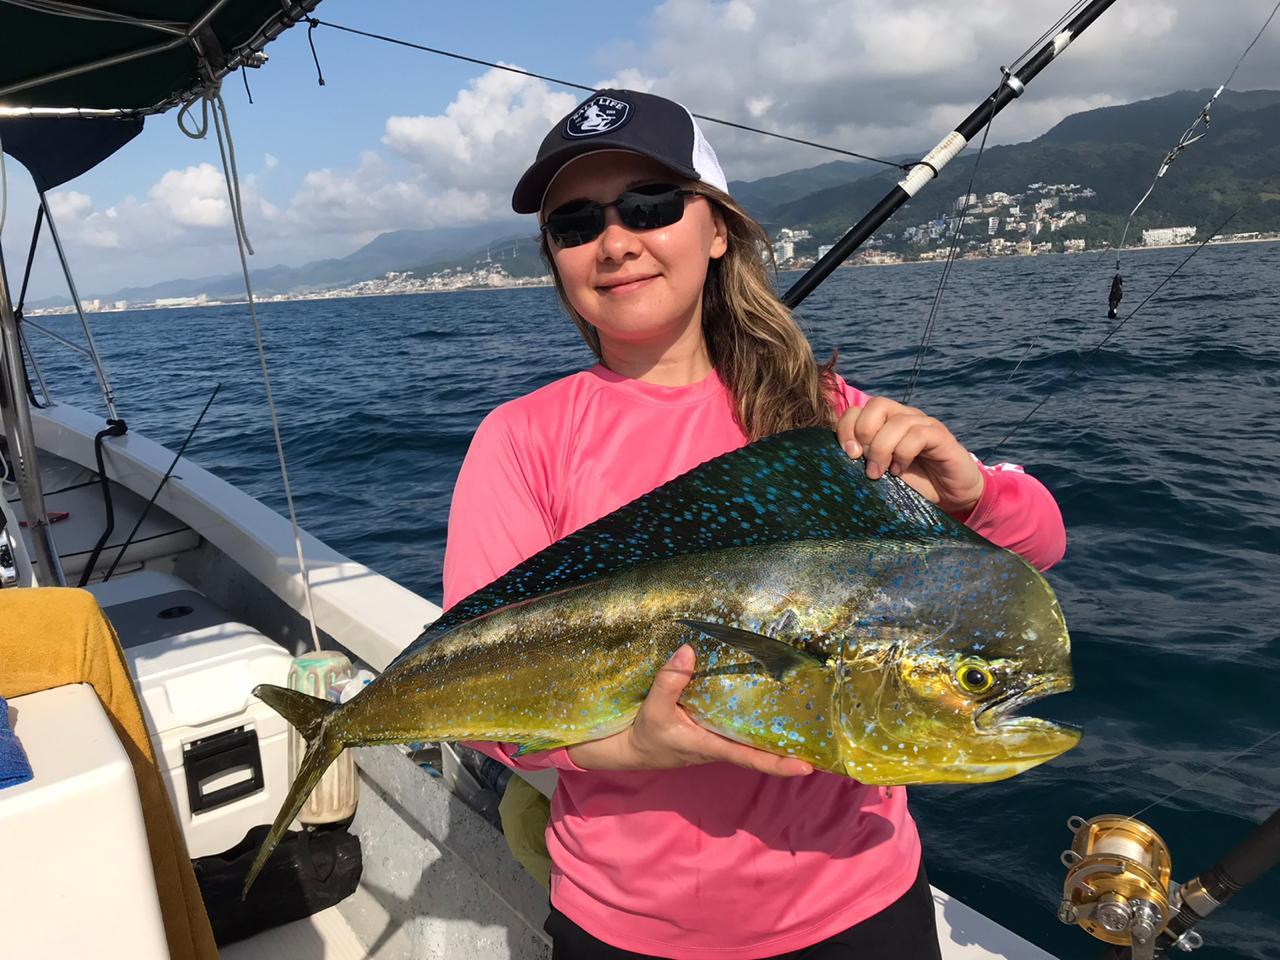 puerto vallarta fishing report October 2020 (5).JPG